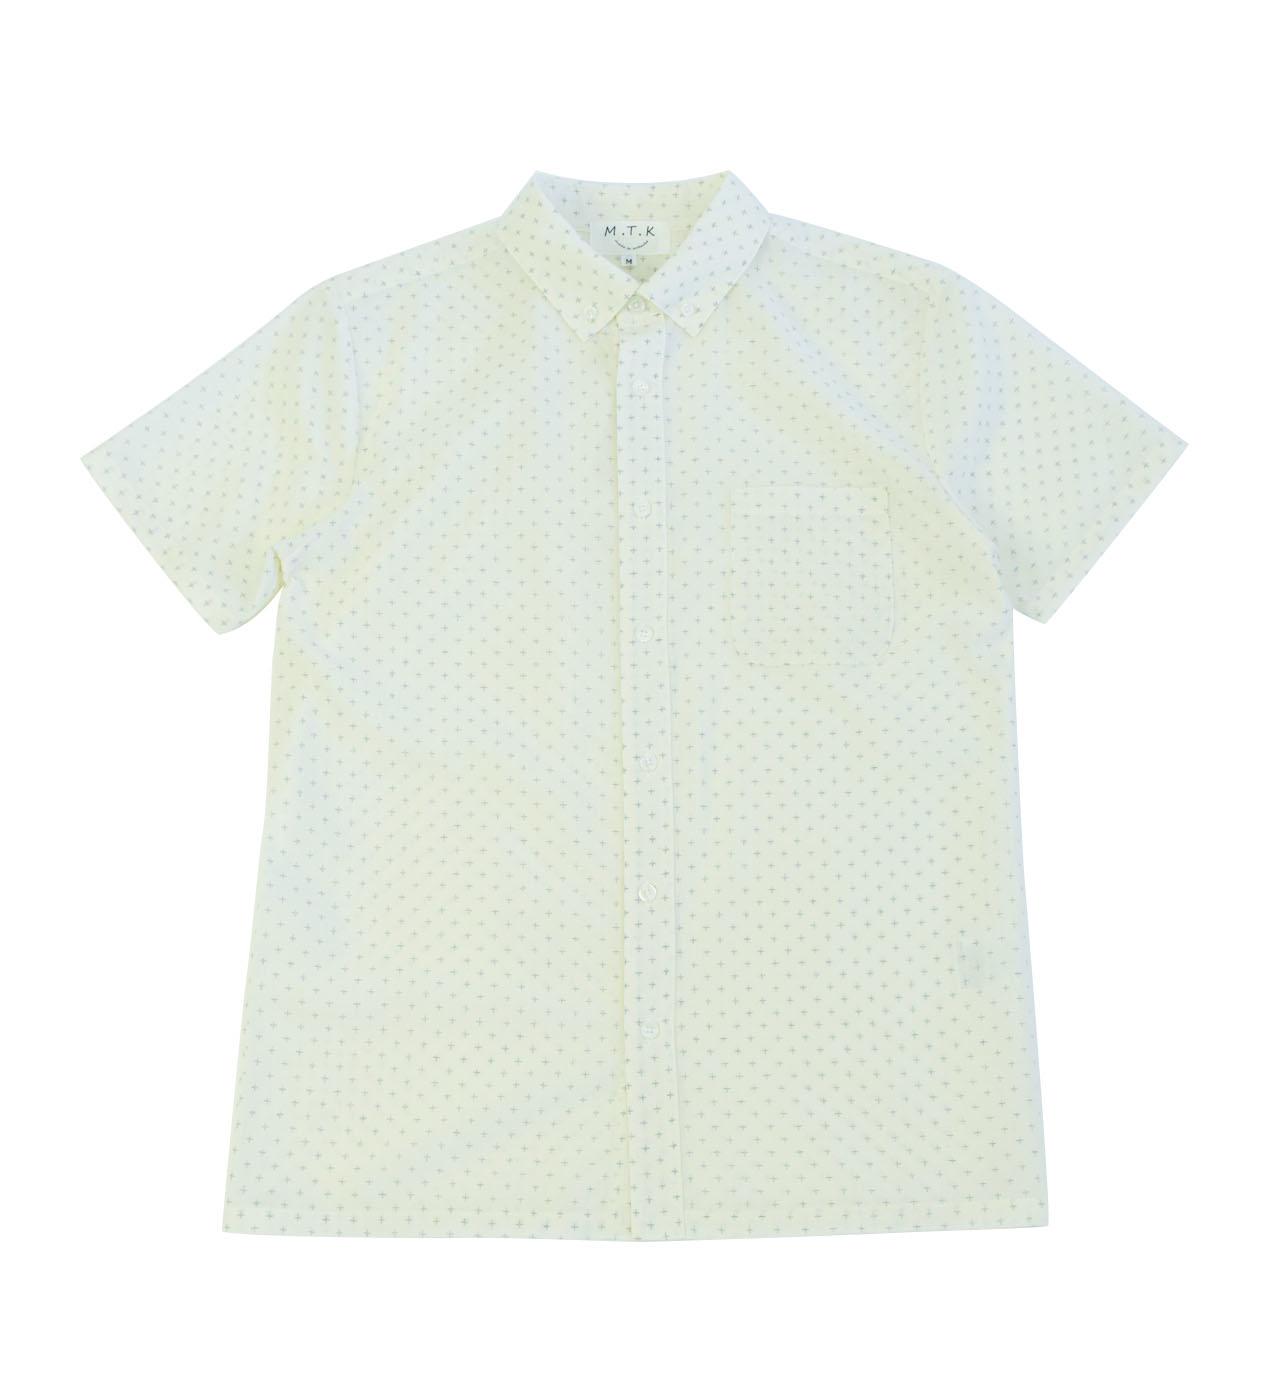 【メンズ】マンガン絣クールビズシャツ/2019年新作十字柄/白色